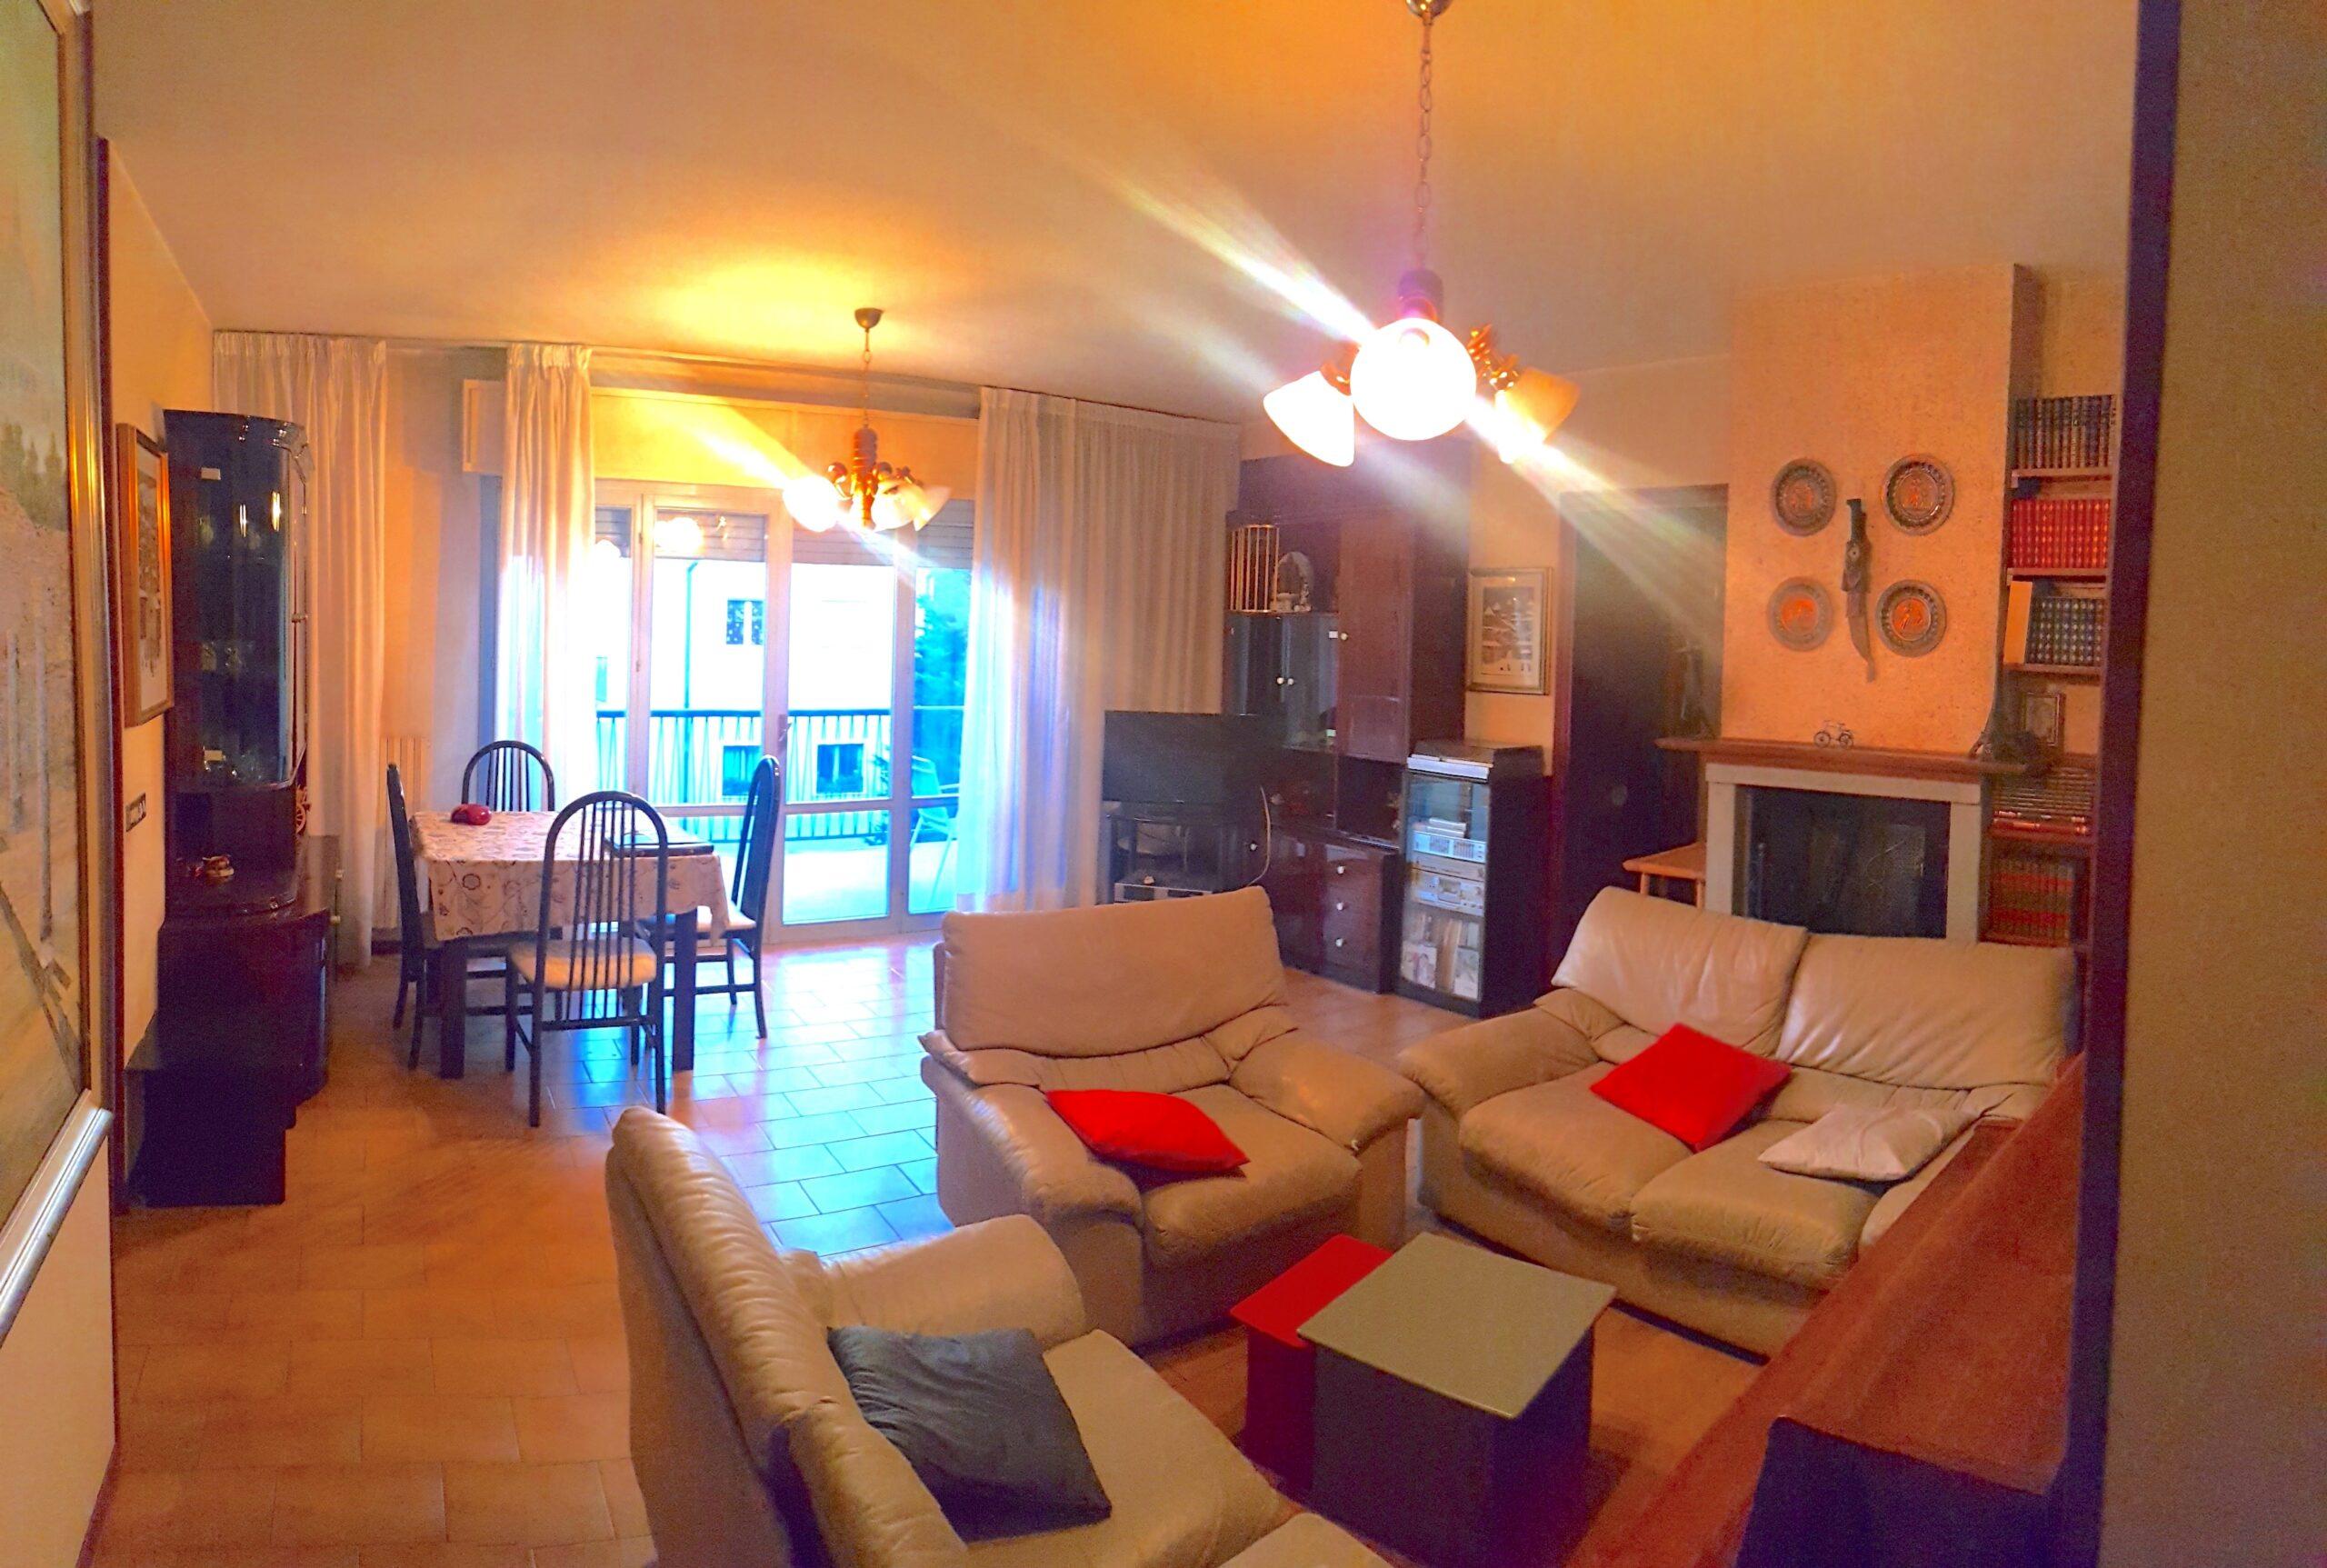 RICCIONE ZONA PARCO, 5 locali ampio terrazzo e garage in vendita